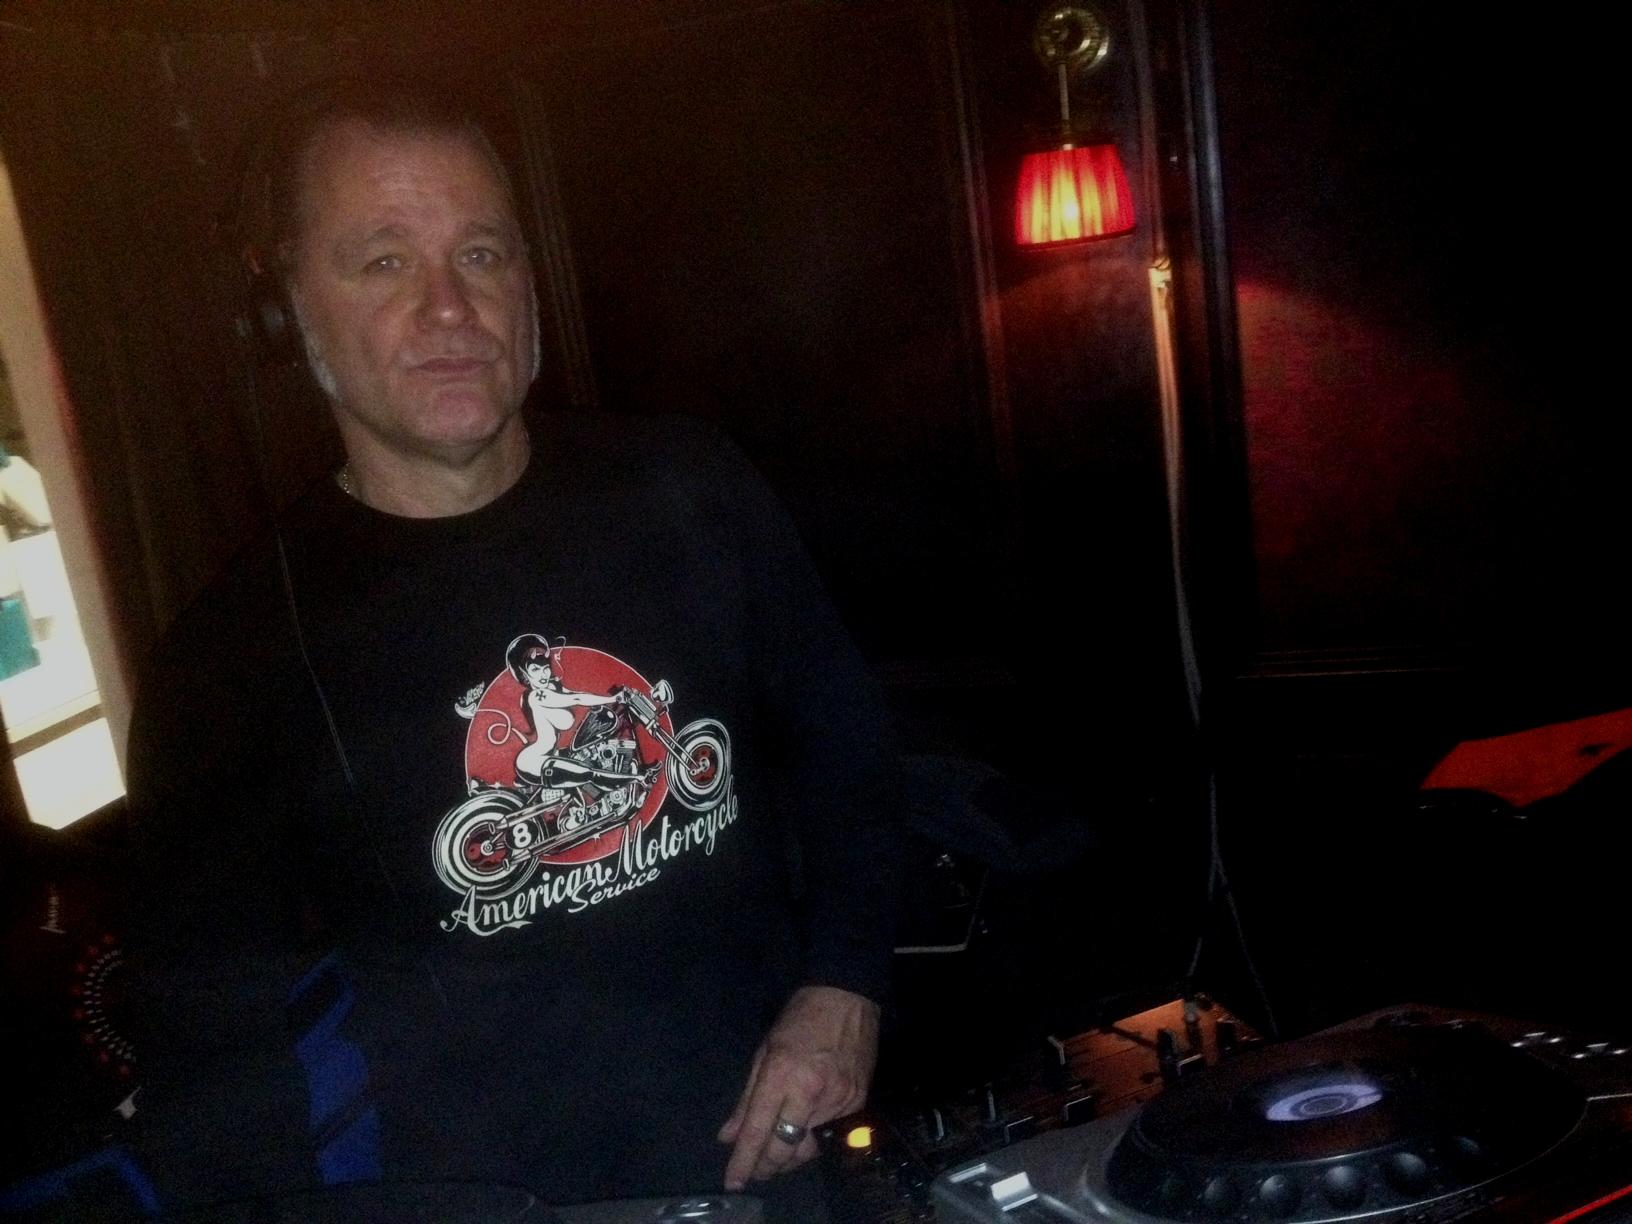 Vier Viertel - Takt Bassdrum im Neglected Grassland: DJ Dag lässt die Puppen tanzen!